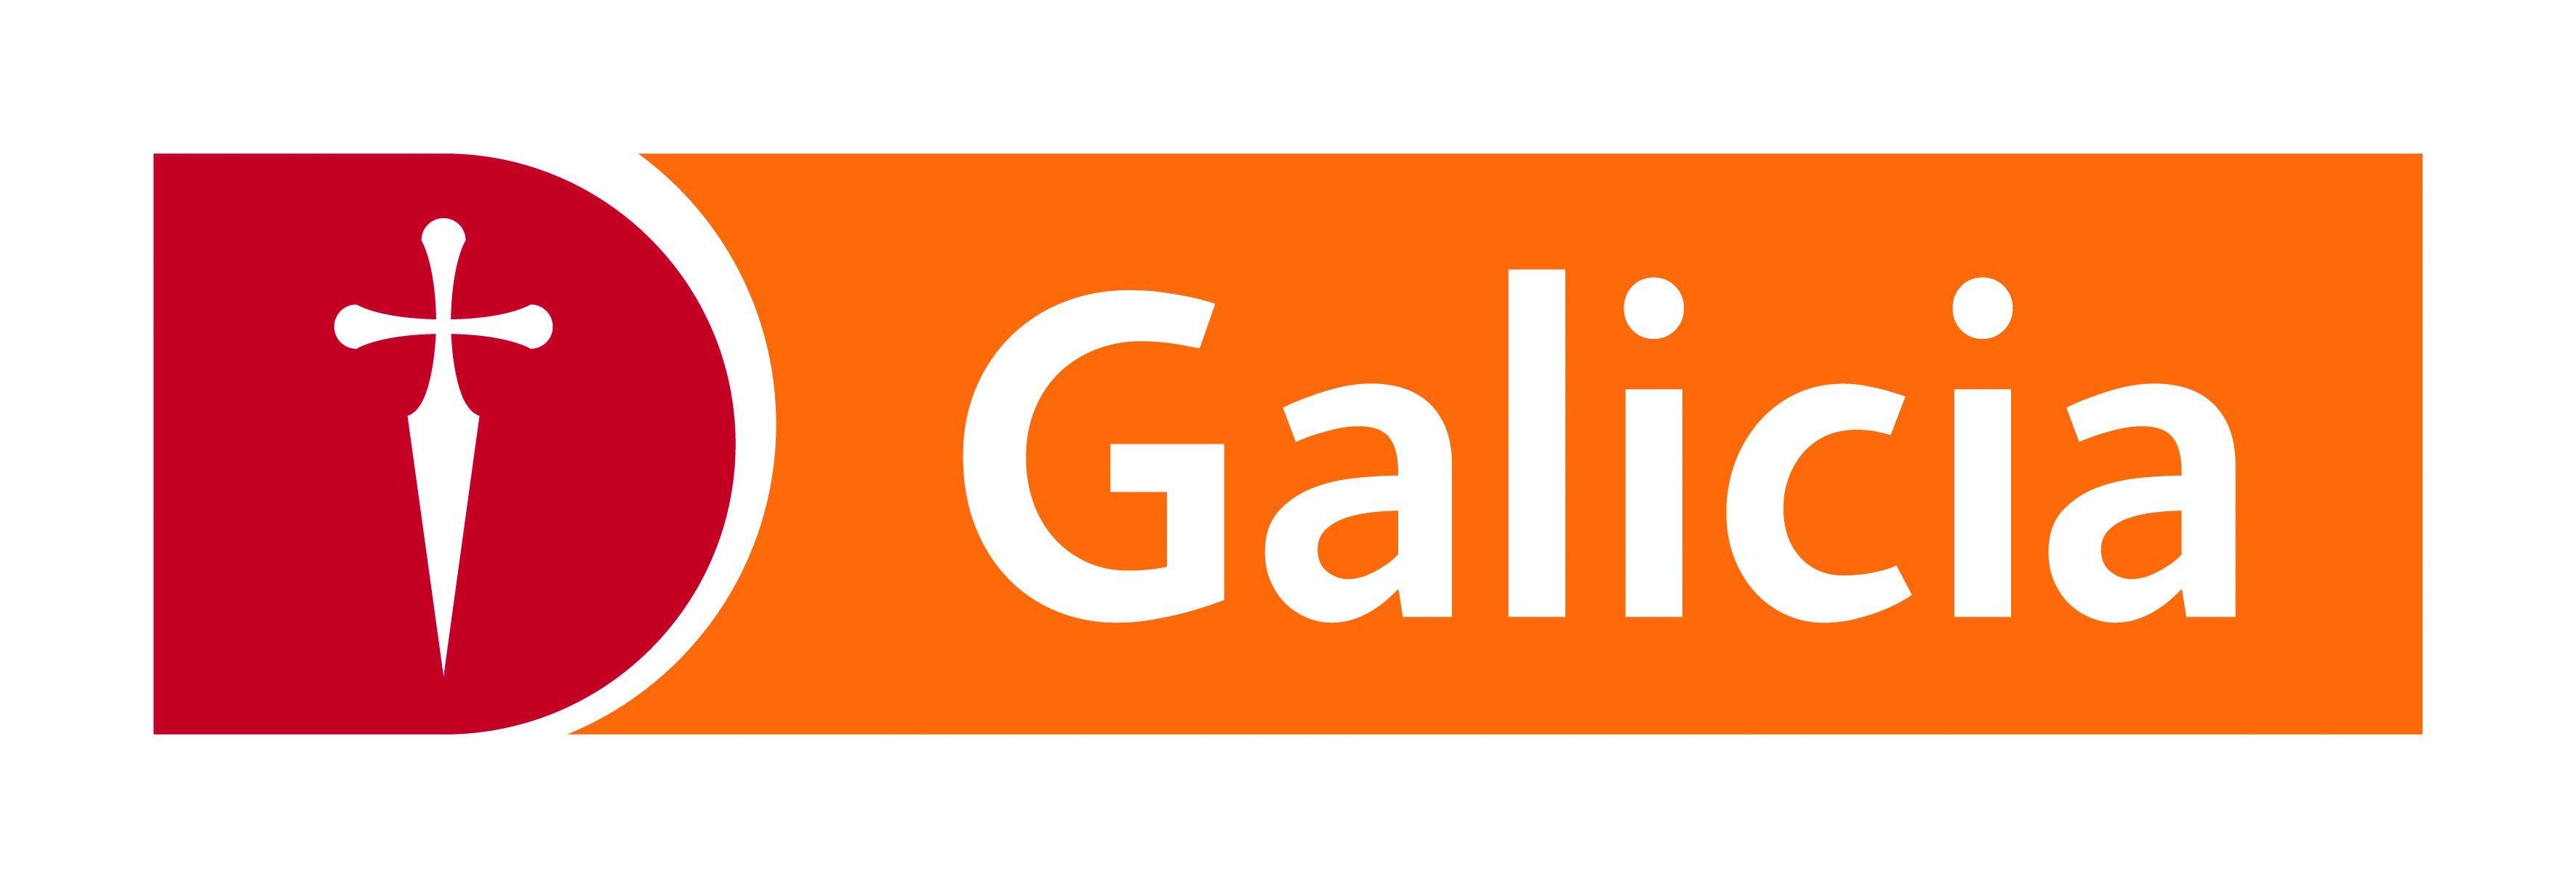 Préstamos hipotecarios Banco Galicia: requisitos, beneficios, tarifas